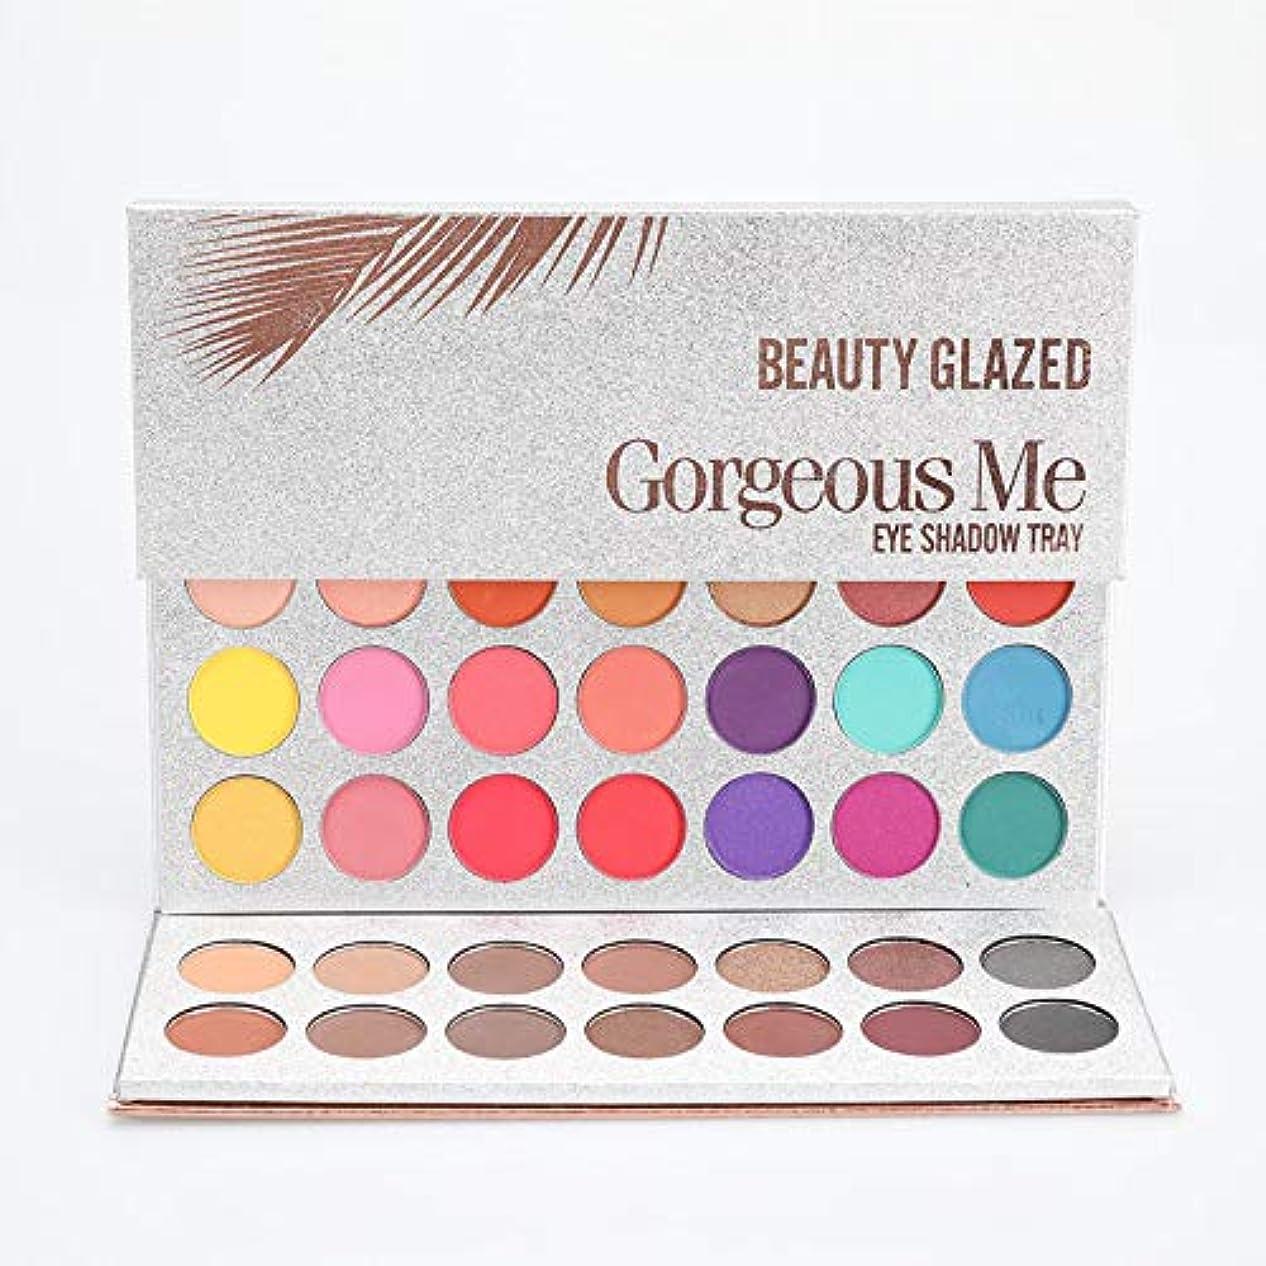 糞十億めったに63 Color eyeshadow pallete Glitter Makeup Matte Eye shadow make up palette maquillage paleta de sombra 63色のアイシャドーパレエキラキラメイクアップマットアイシャドウメイクアップパレットマキアージュパレタデムブラブ